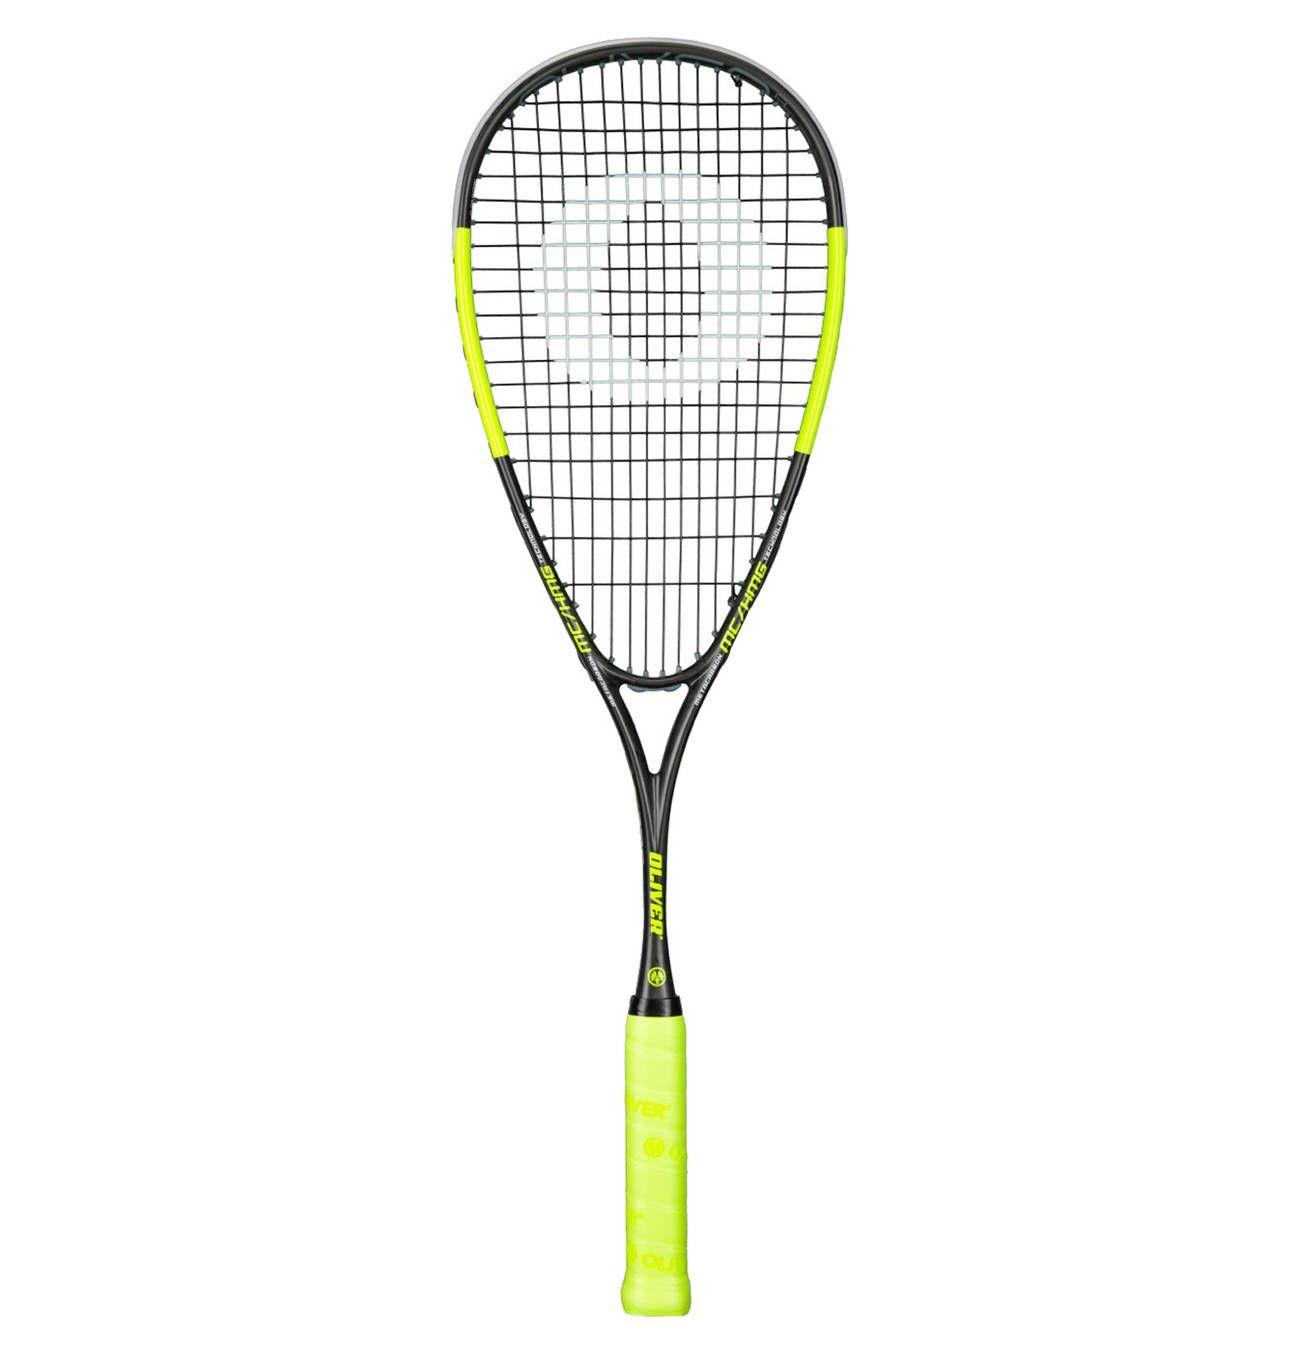 Ersatz Overgrip Griffb/änder f/ür Badminton//Angelruten Leport Tennis Schl/äger Griffband Anti-Rutsch Squash Schl/äger Overgrip Band f/ür Tennis